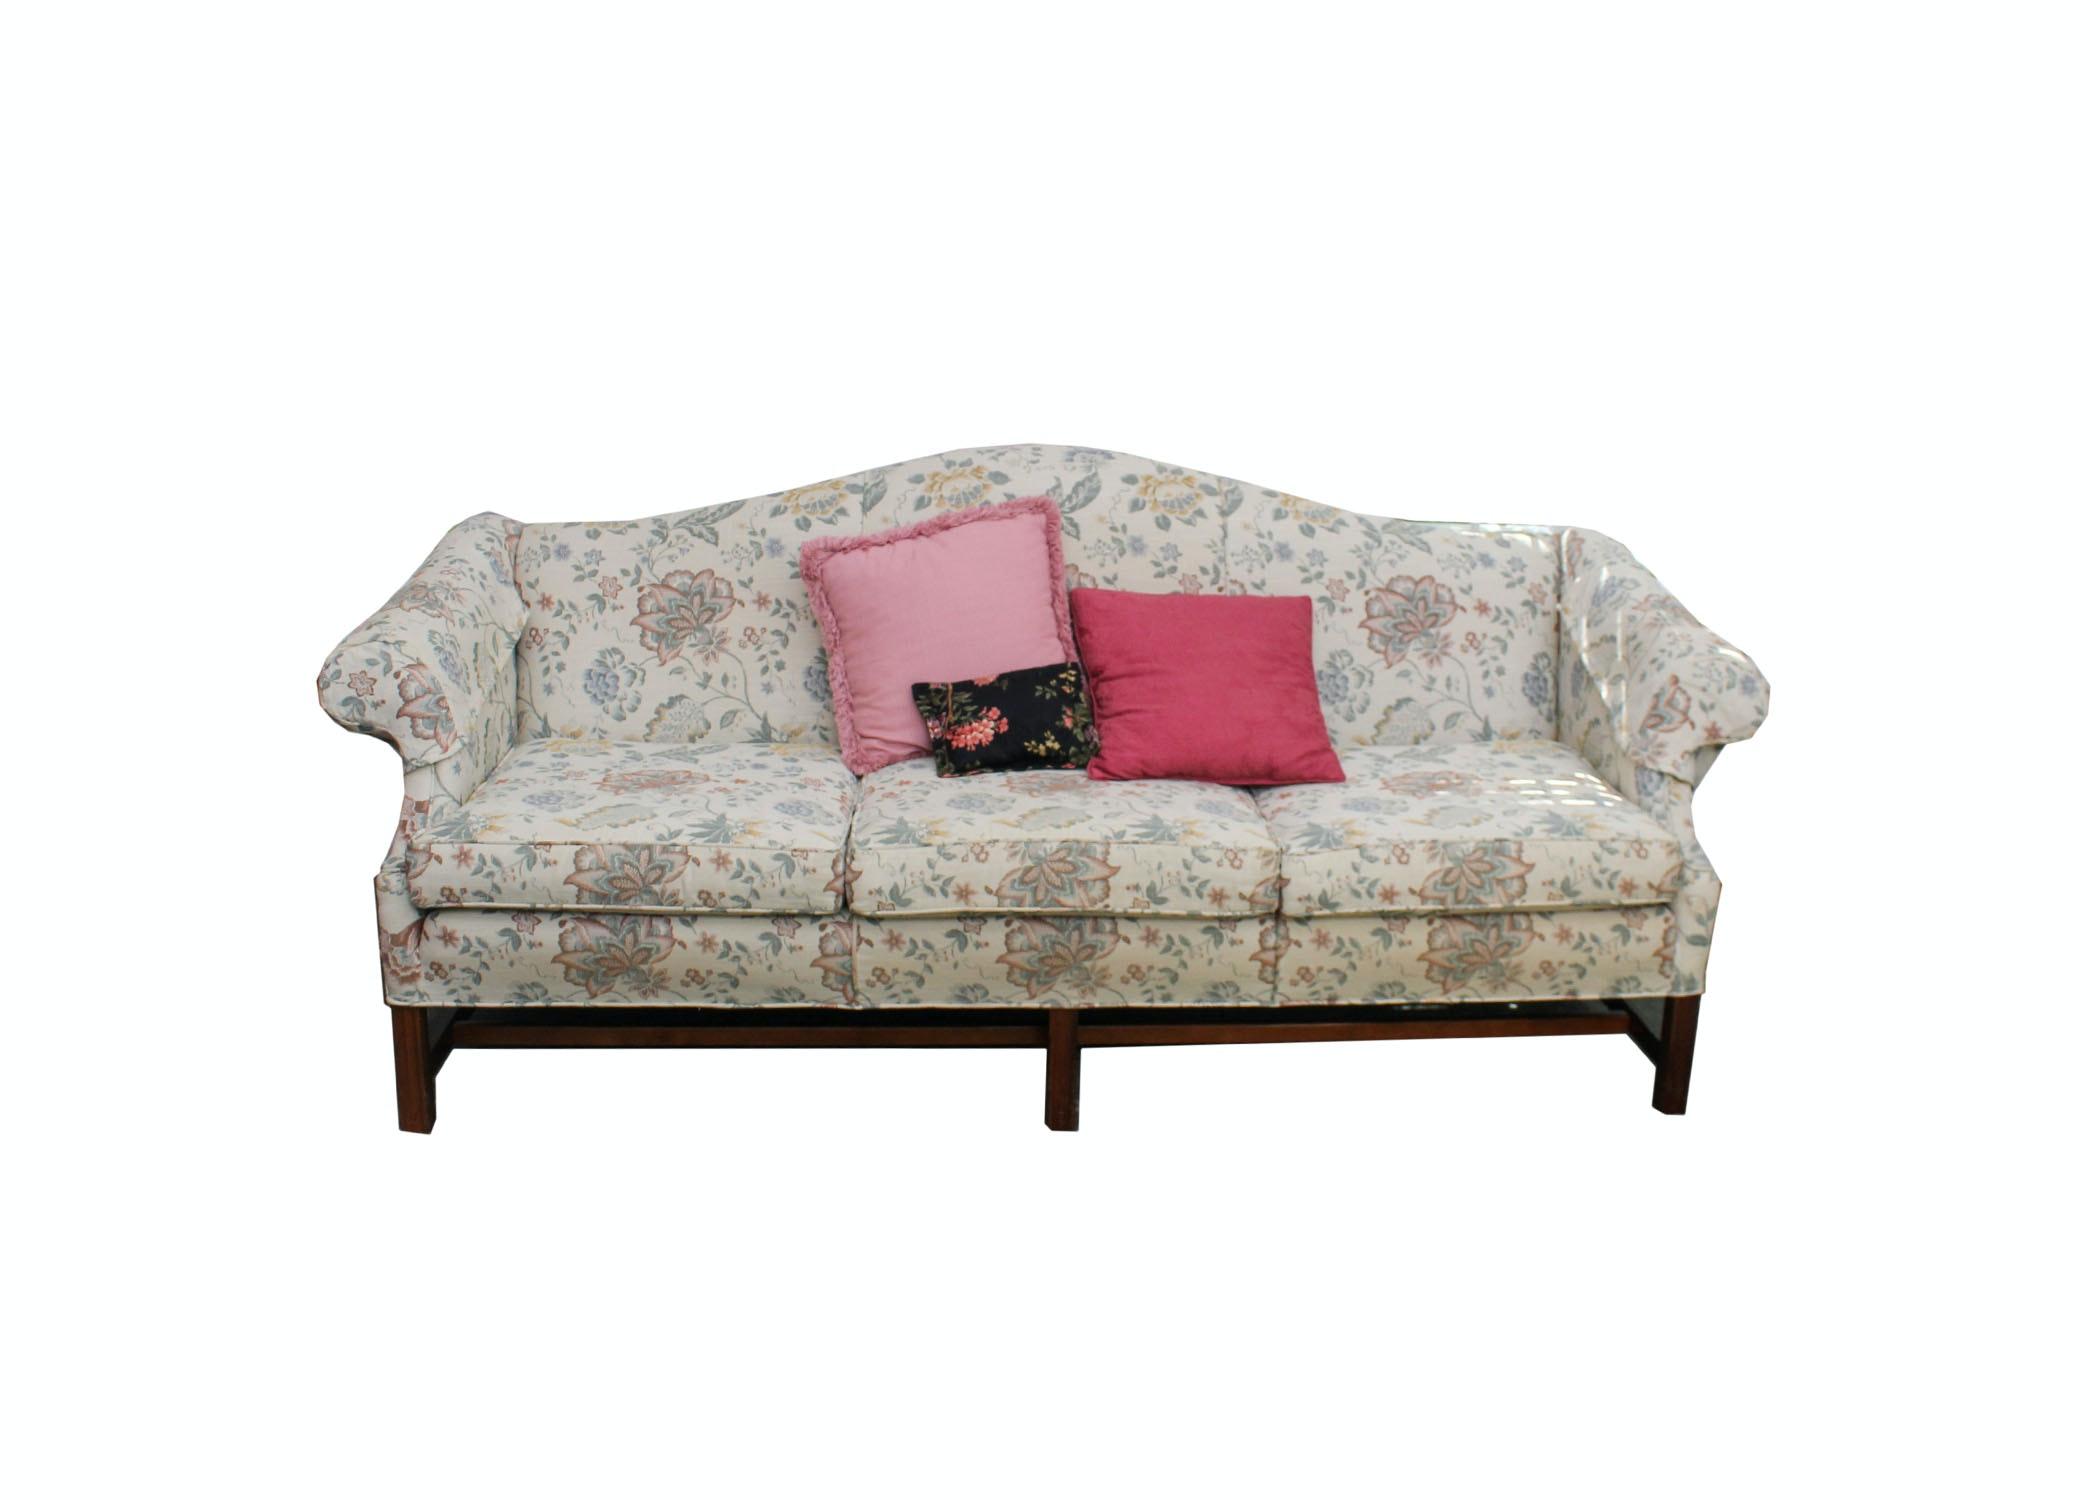 Camel Back Floral Sofa